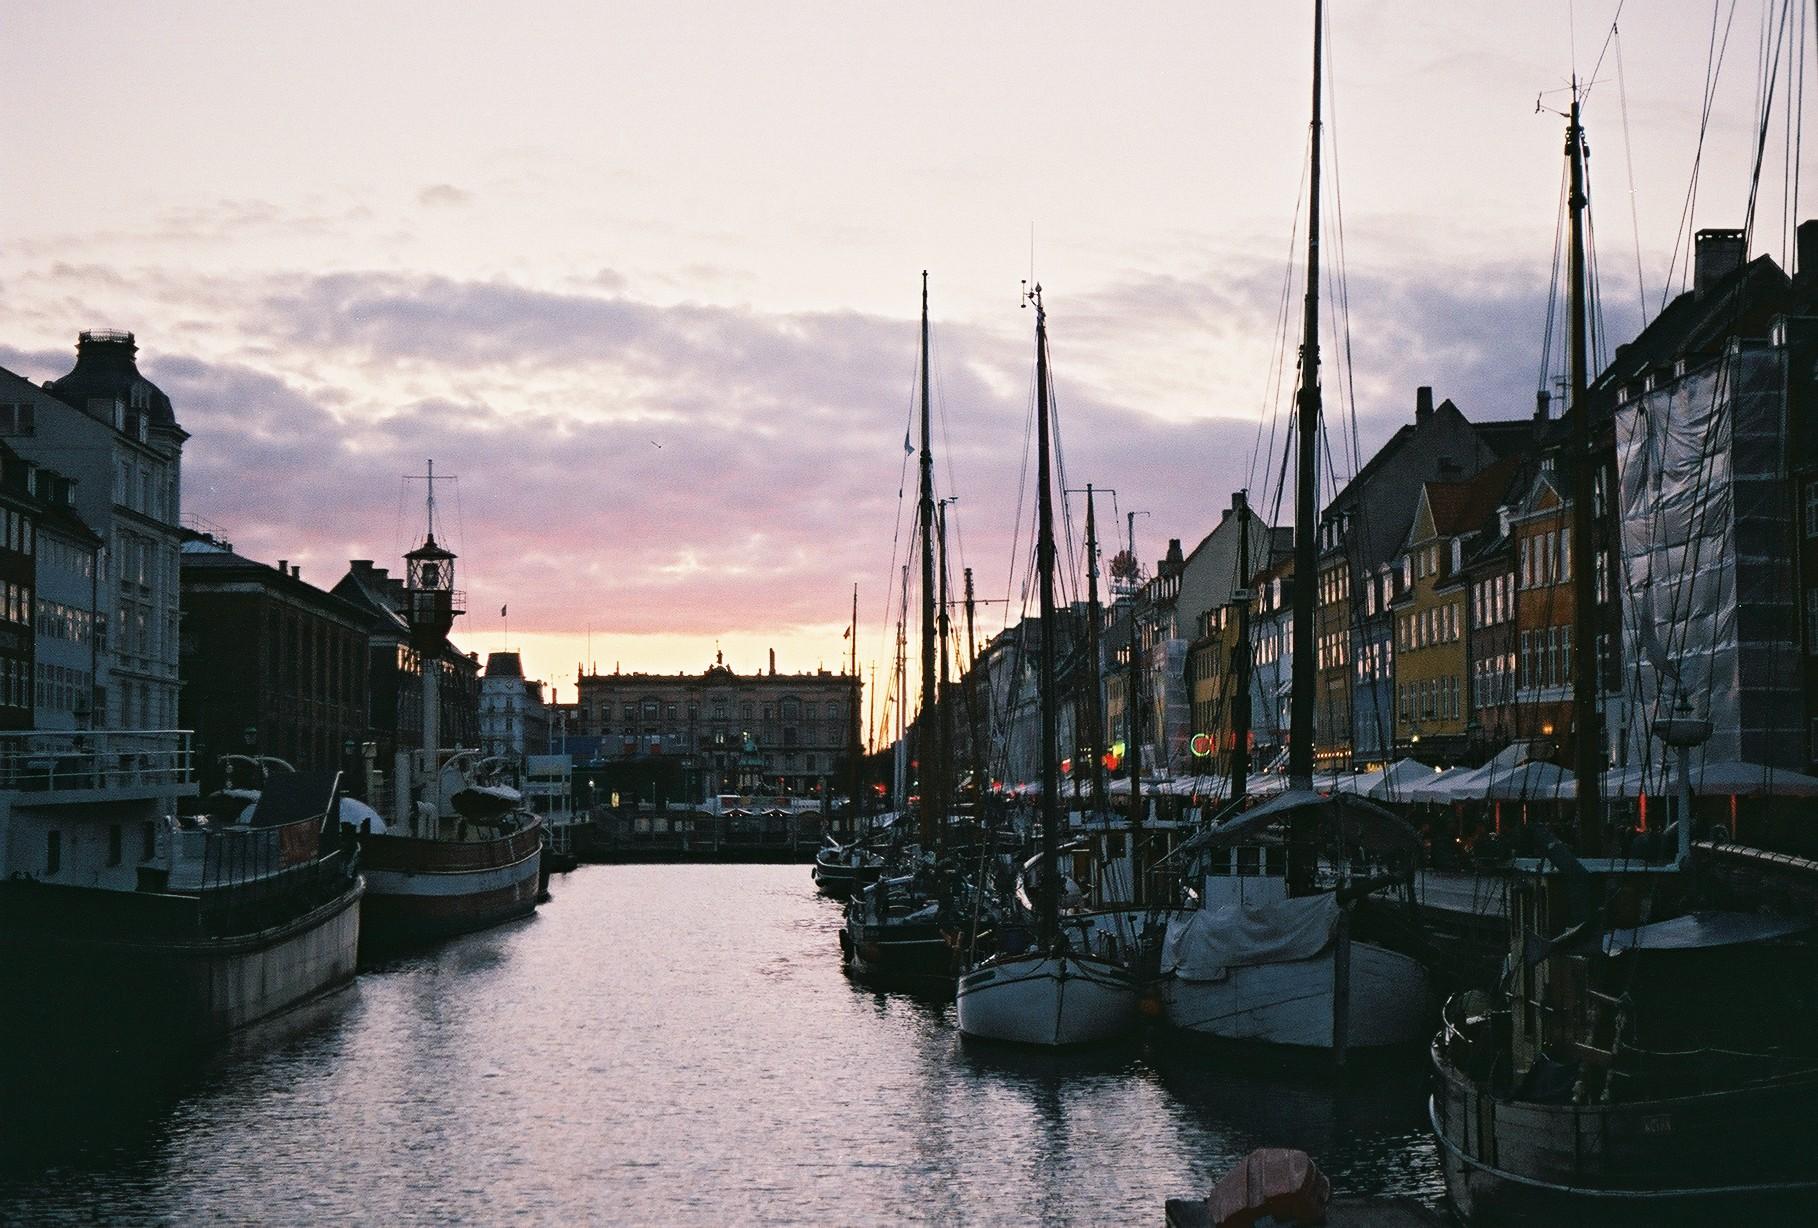 Копенгаген от Кирилла Лактионова Копенгаген от Кирилла Лактионова IMG 0014